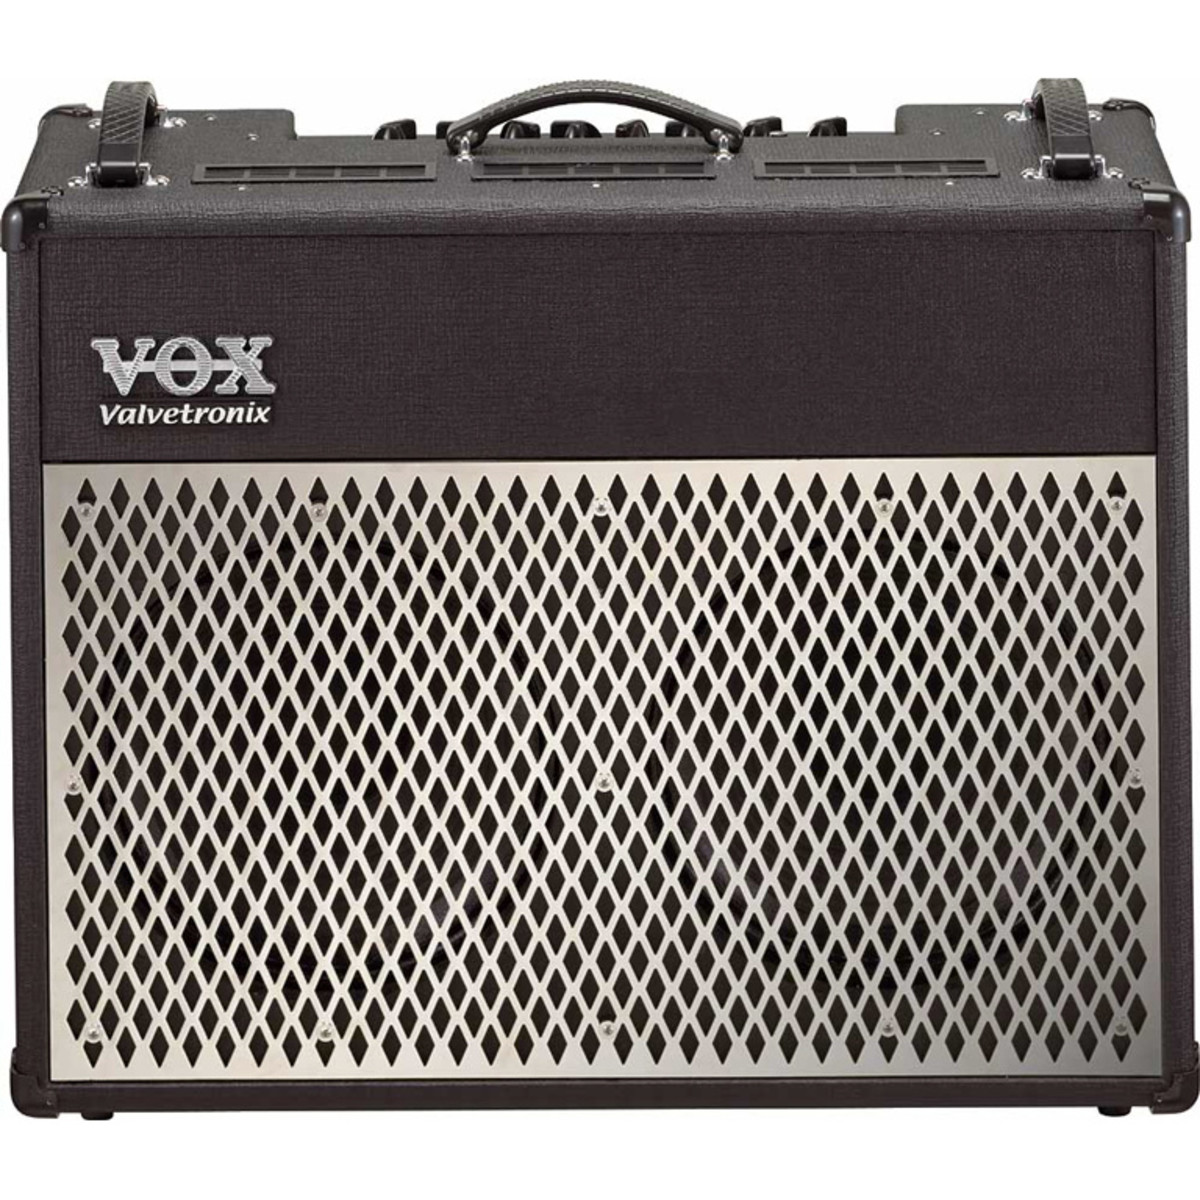 disc vox ad100vt valvetronix guitar amp at. Black Bedroom Furniture Sets. Home Design Ideas